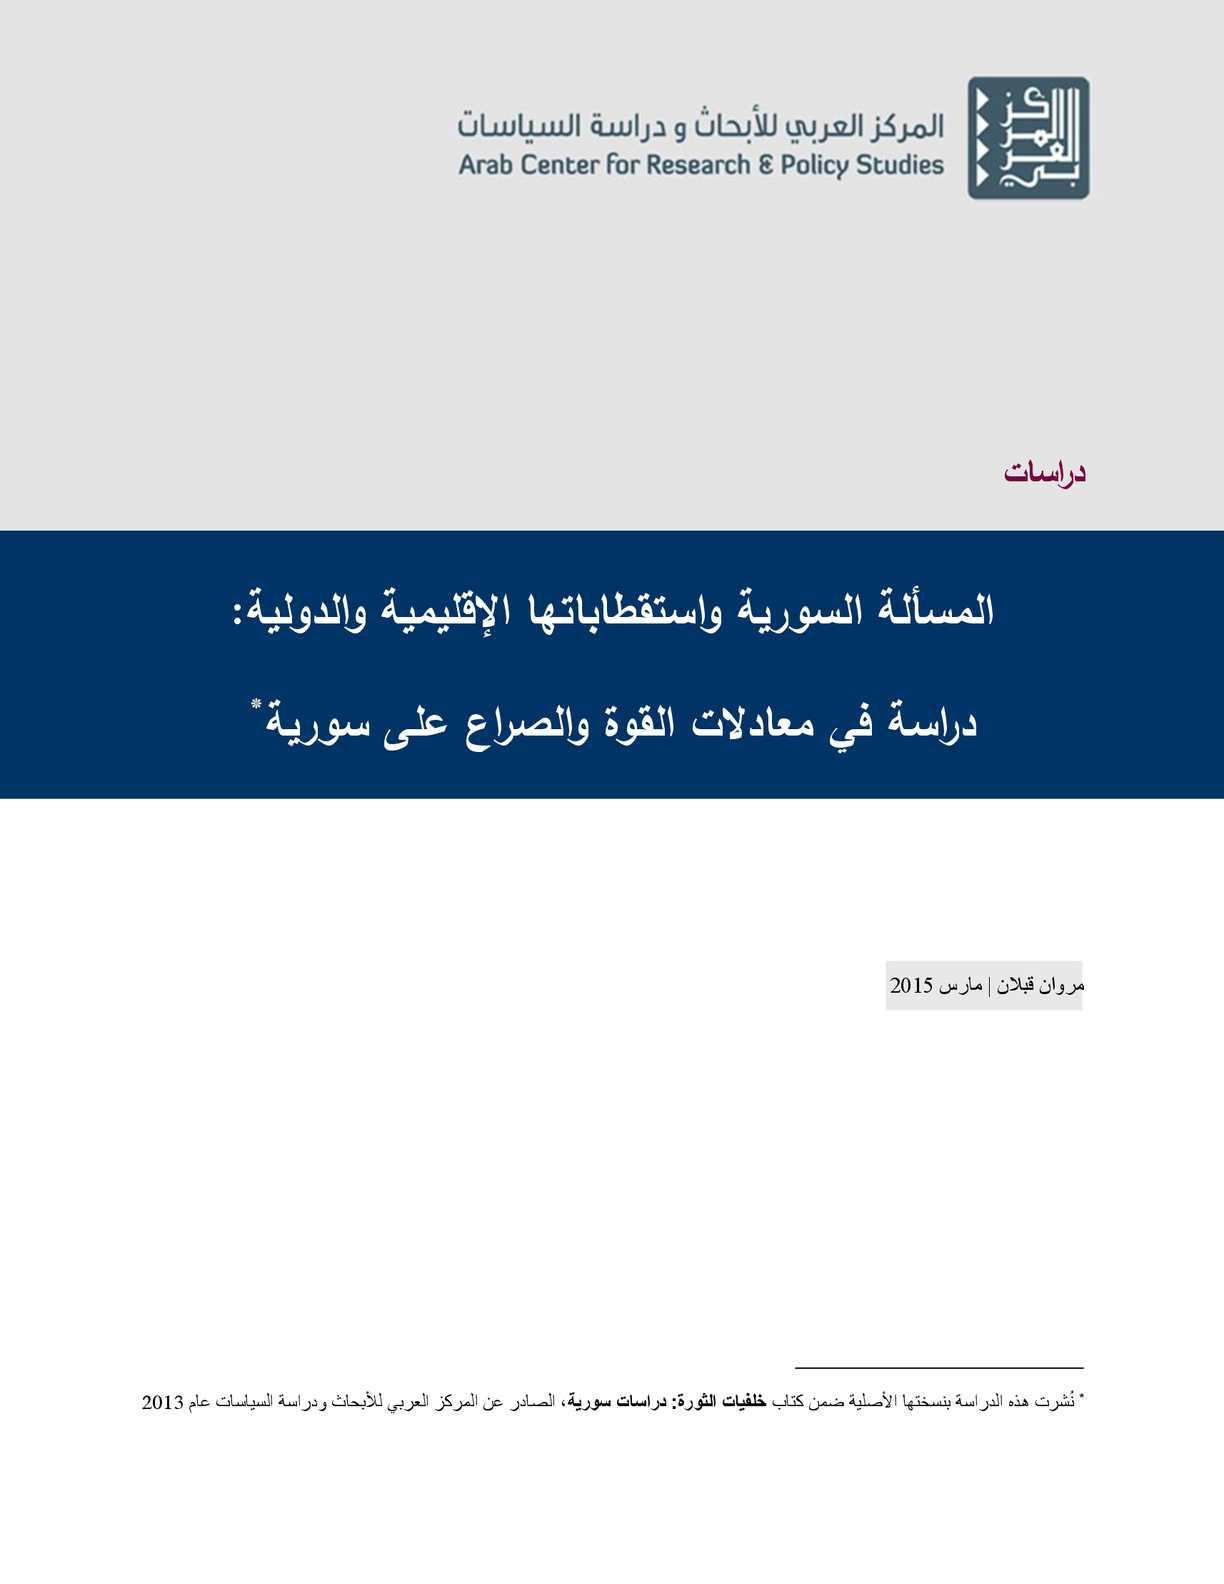 المسألة السورية واستقطاباتها الإقليمية والدولية، دراسة في معادلات القوة والصراع على سورية